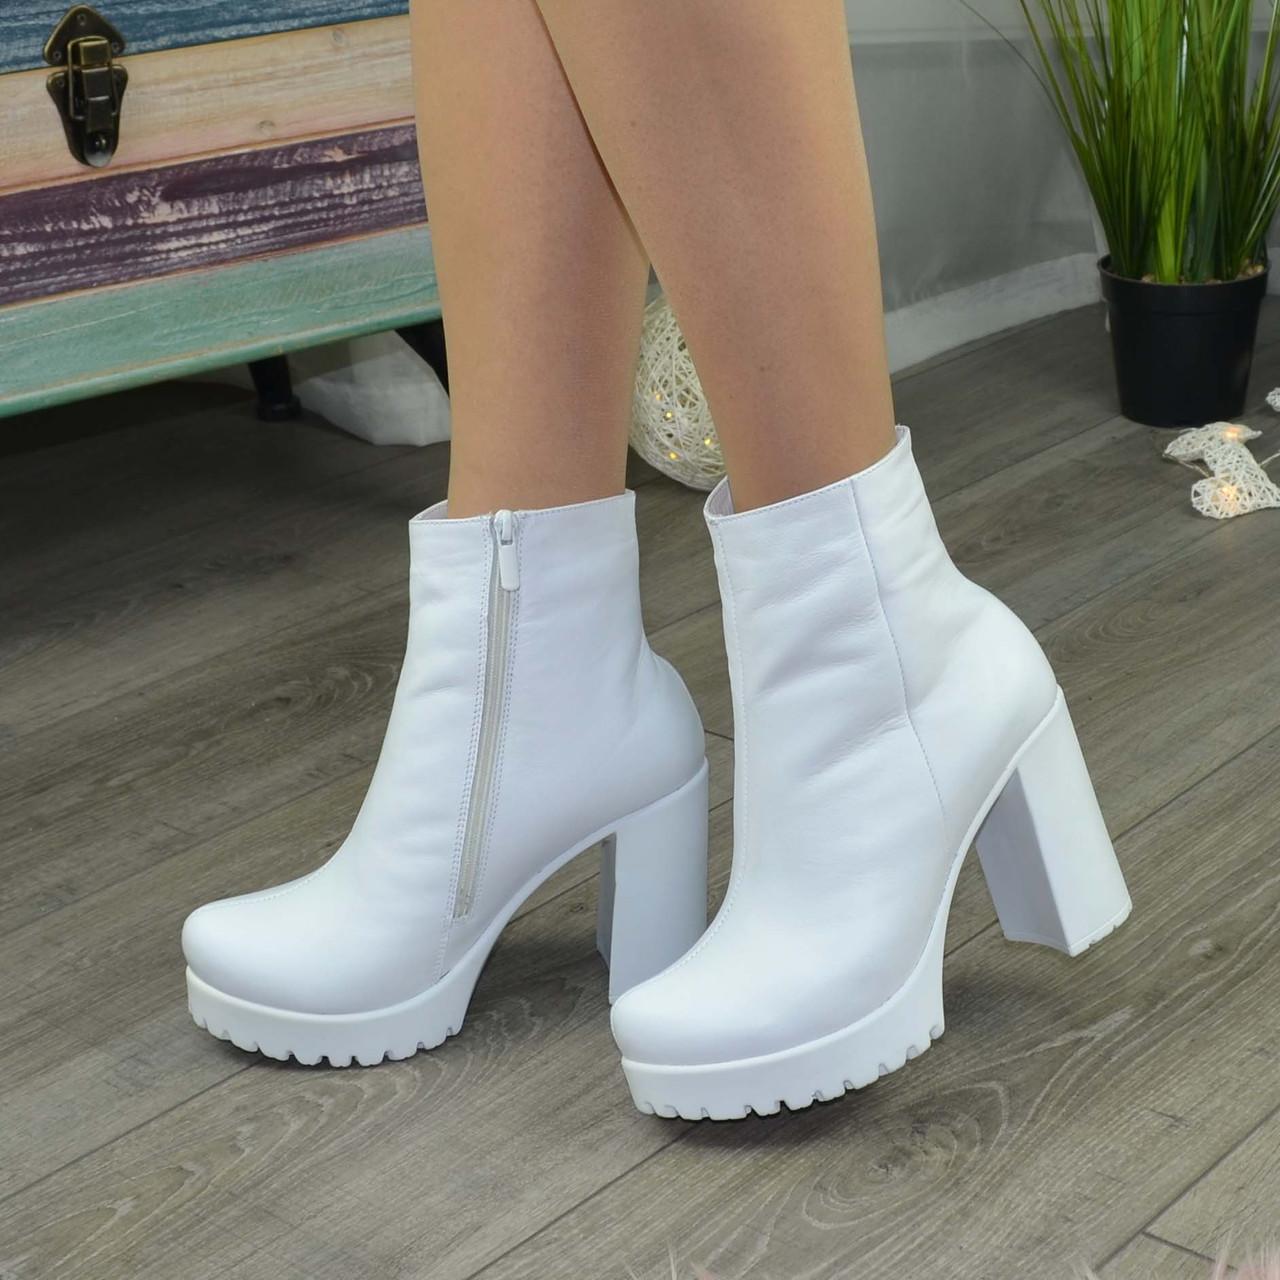 Ботинки женские белые на тракторной белой подошве, натуральная кожа. Зимний вариант